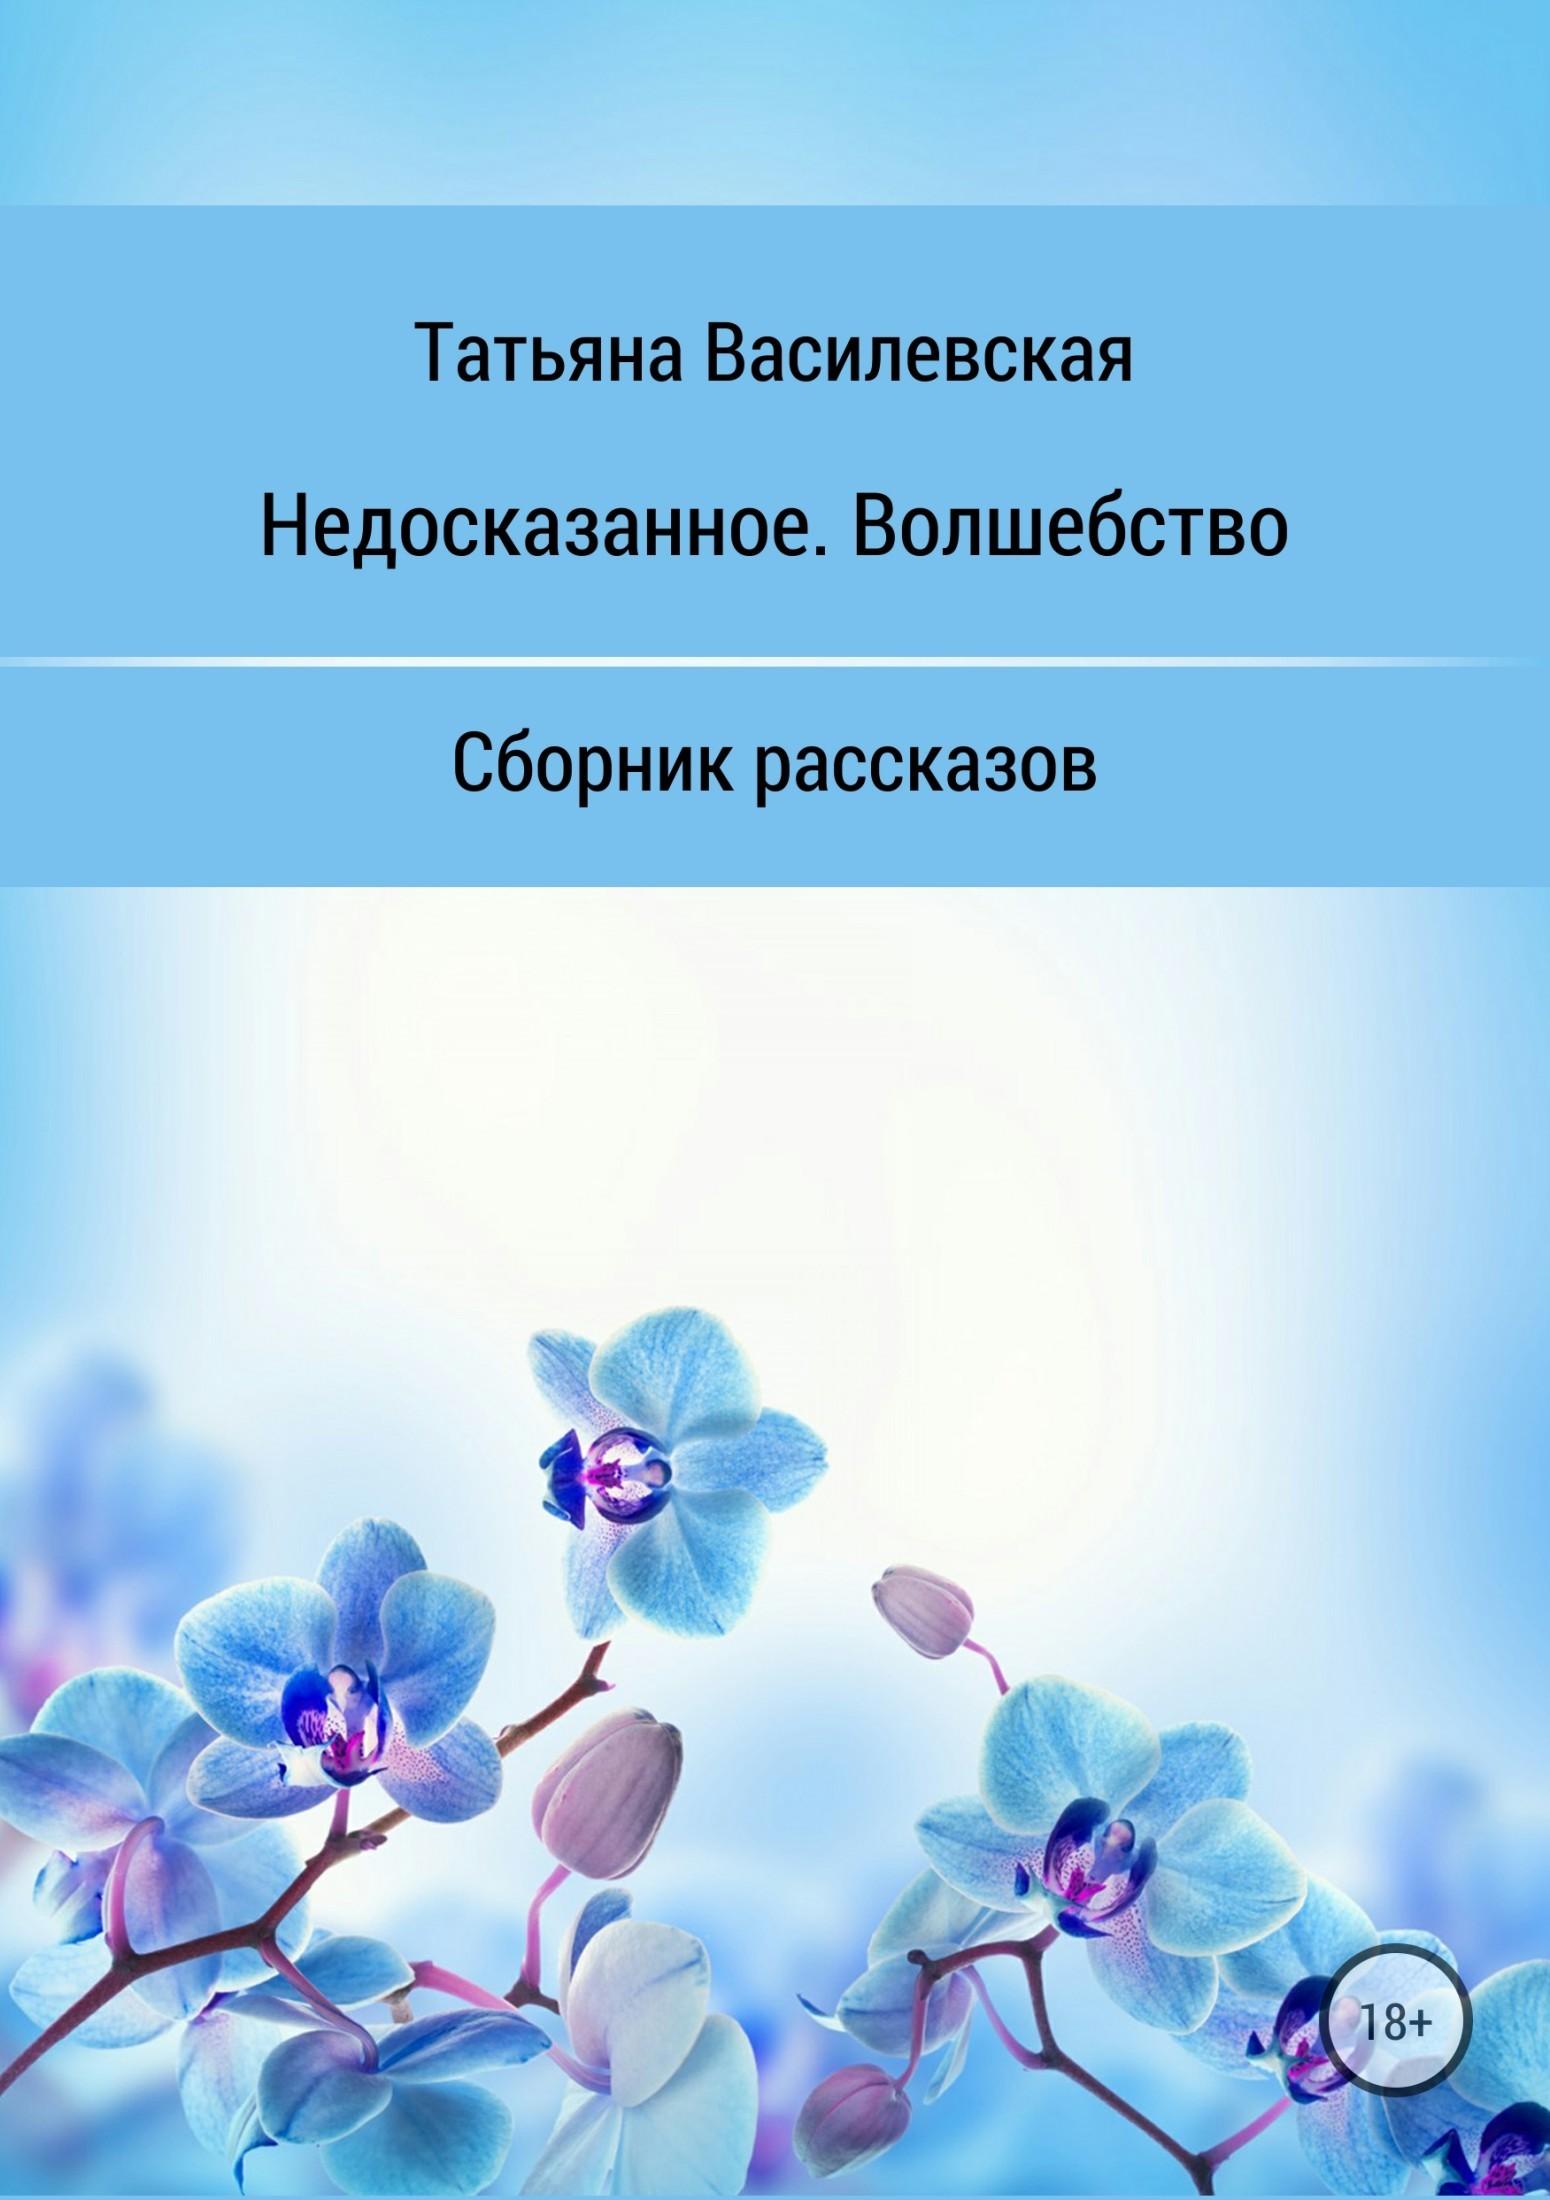 купить Татьяна Михайловна Василевская Недосказанное. Волшебство. Сборник рассказов по цене 0 рублей